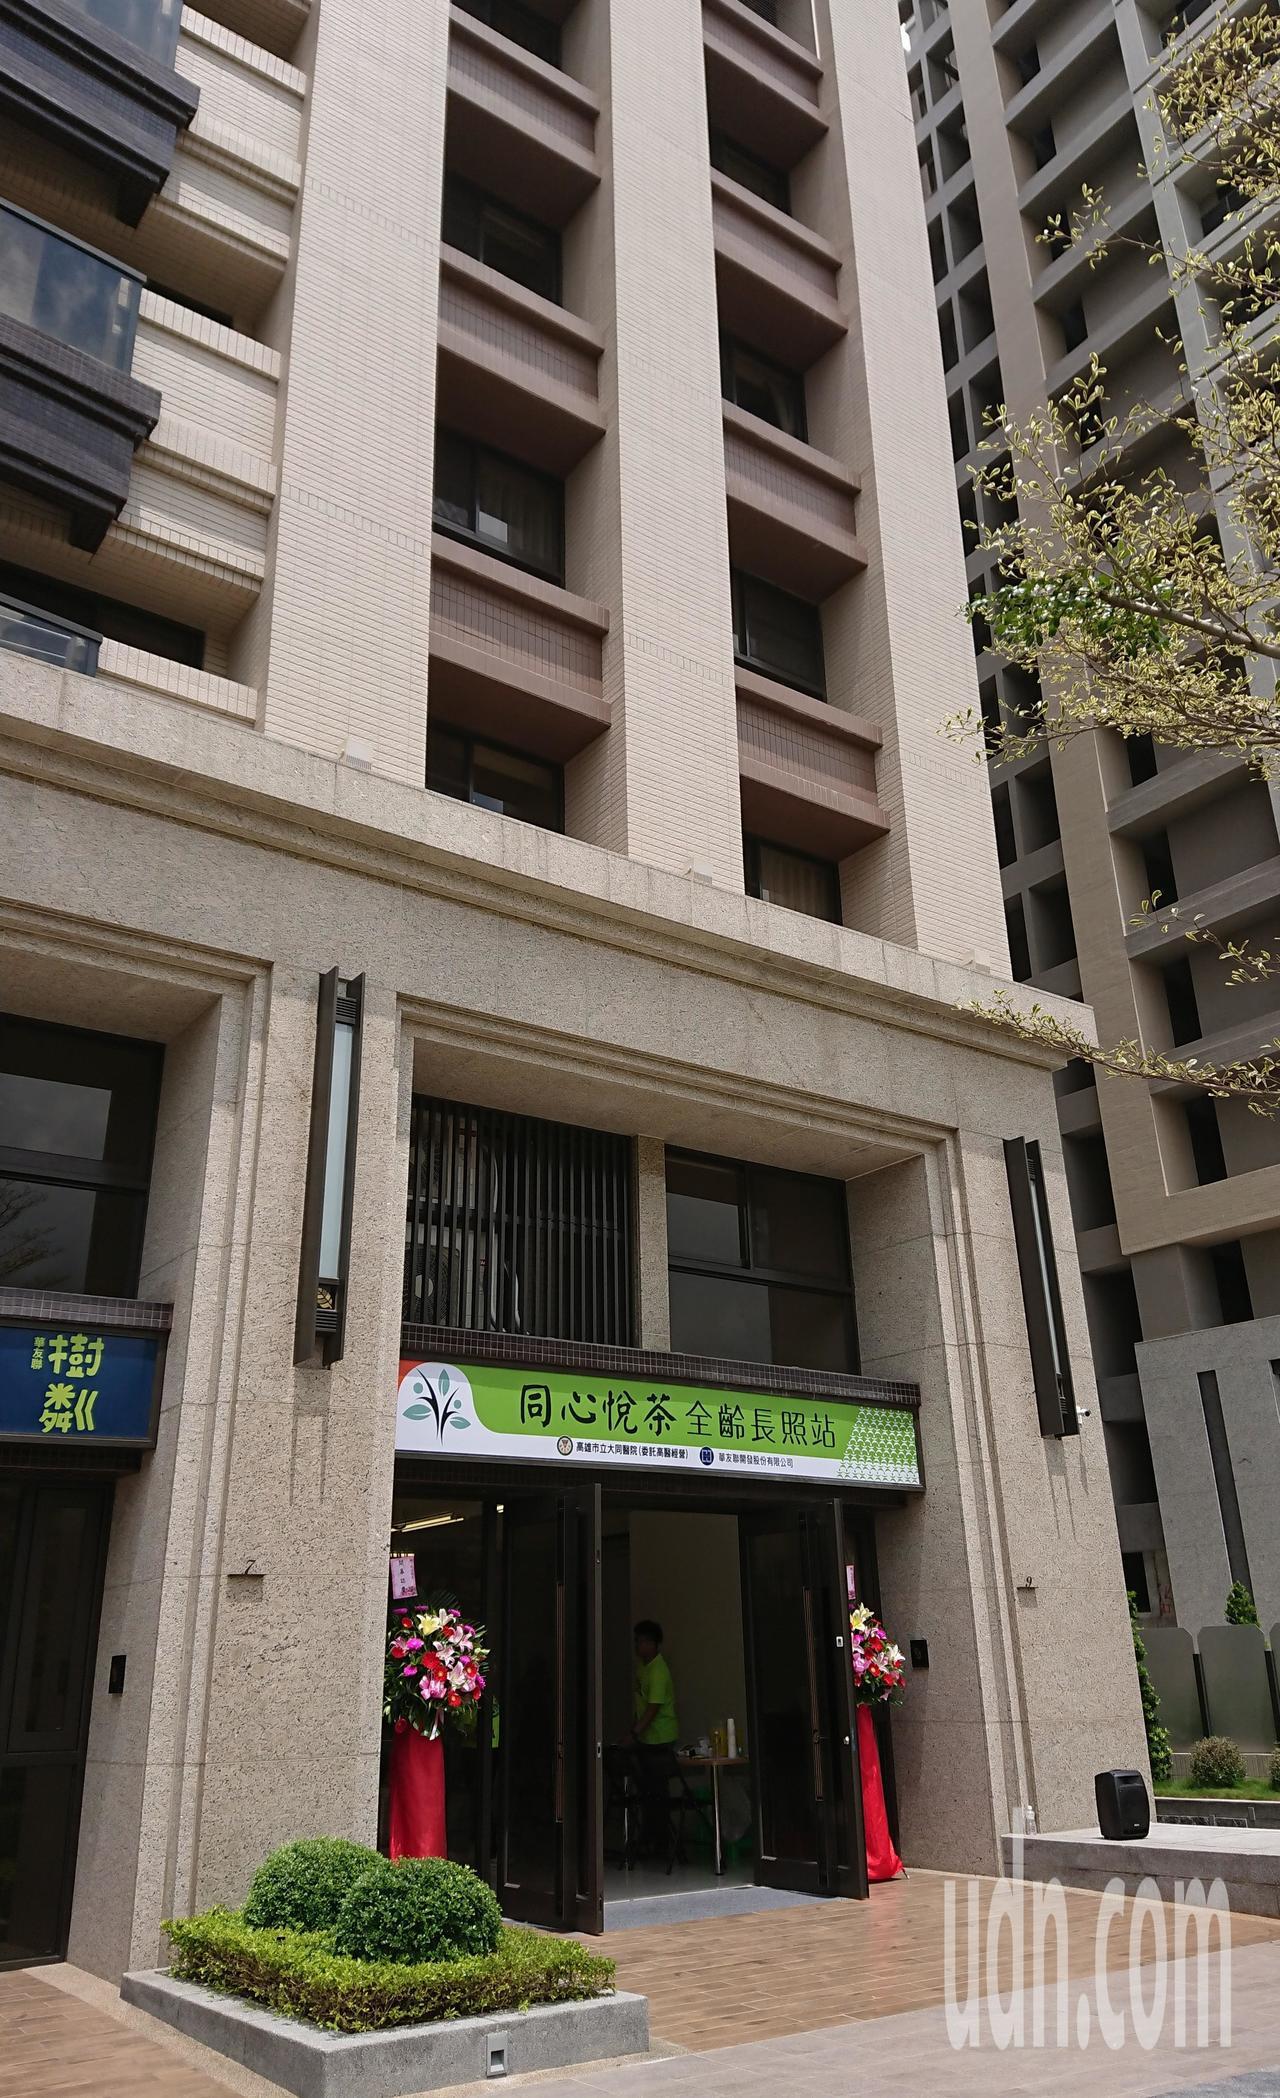 醫院長照站首度進駐豪宅 高市「全齡巷弄長照站」開張